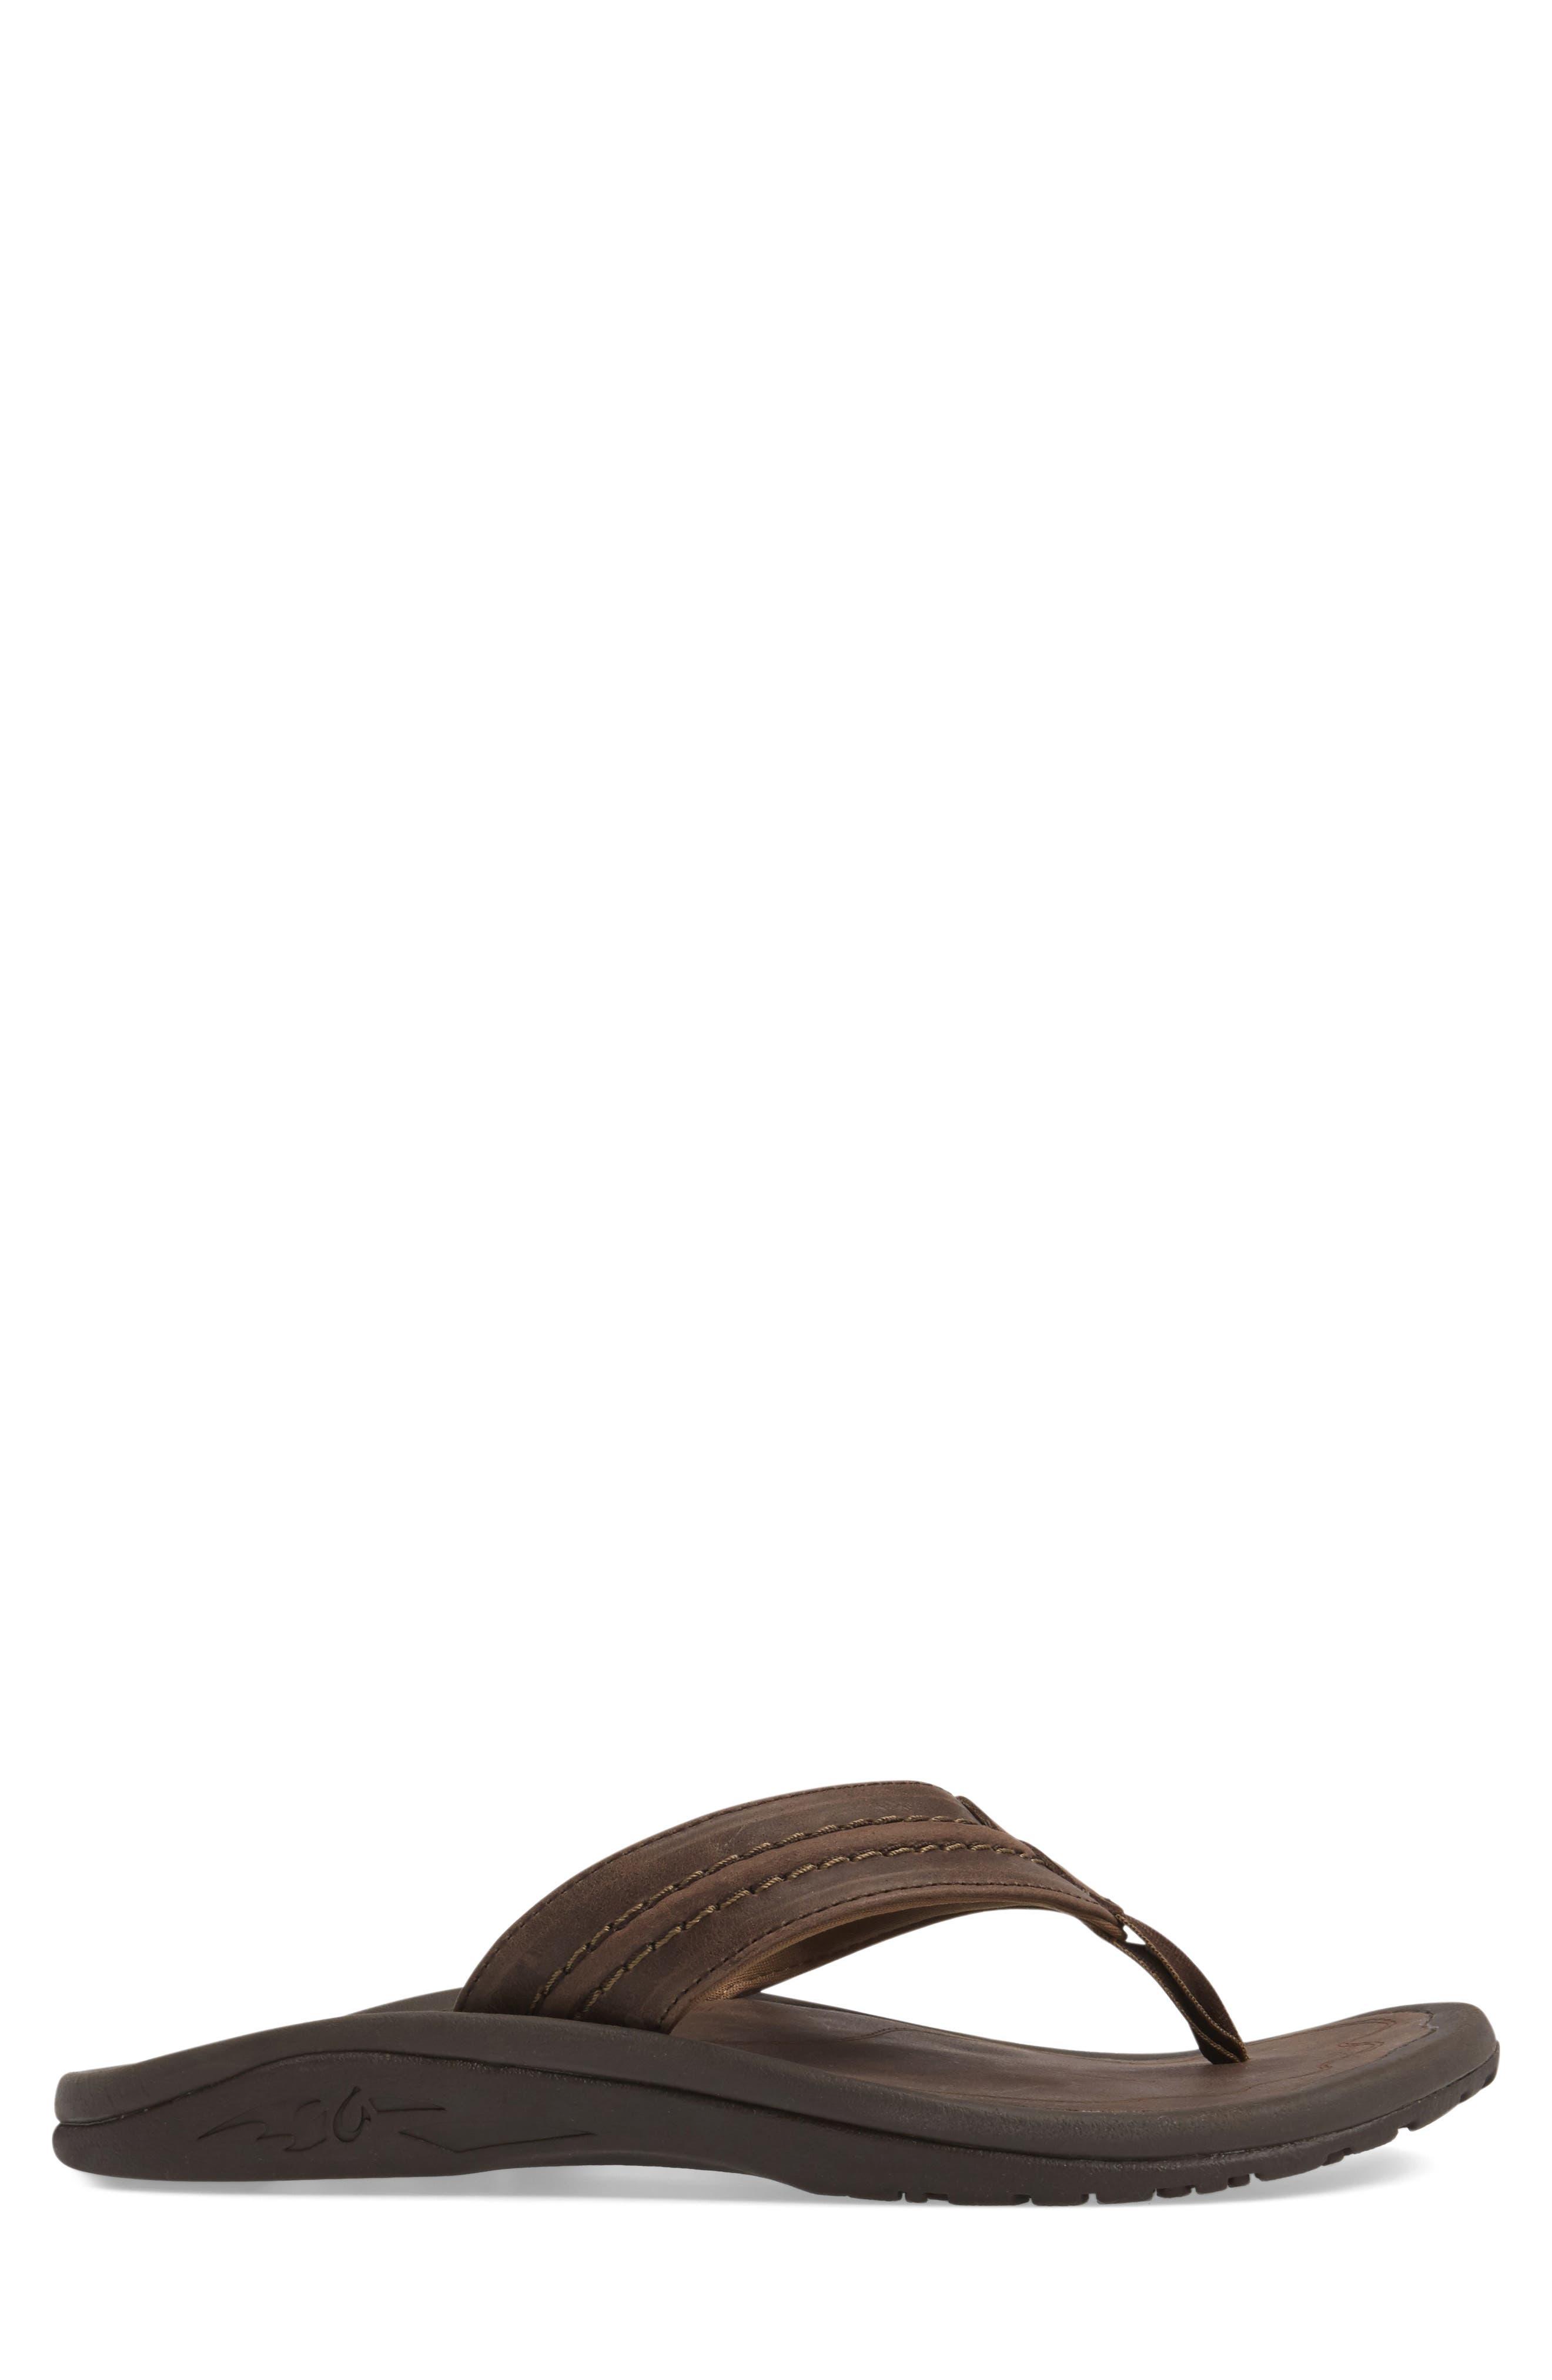 Alternate Image 3  - OluKai Hokua Flip Flop (Men)